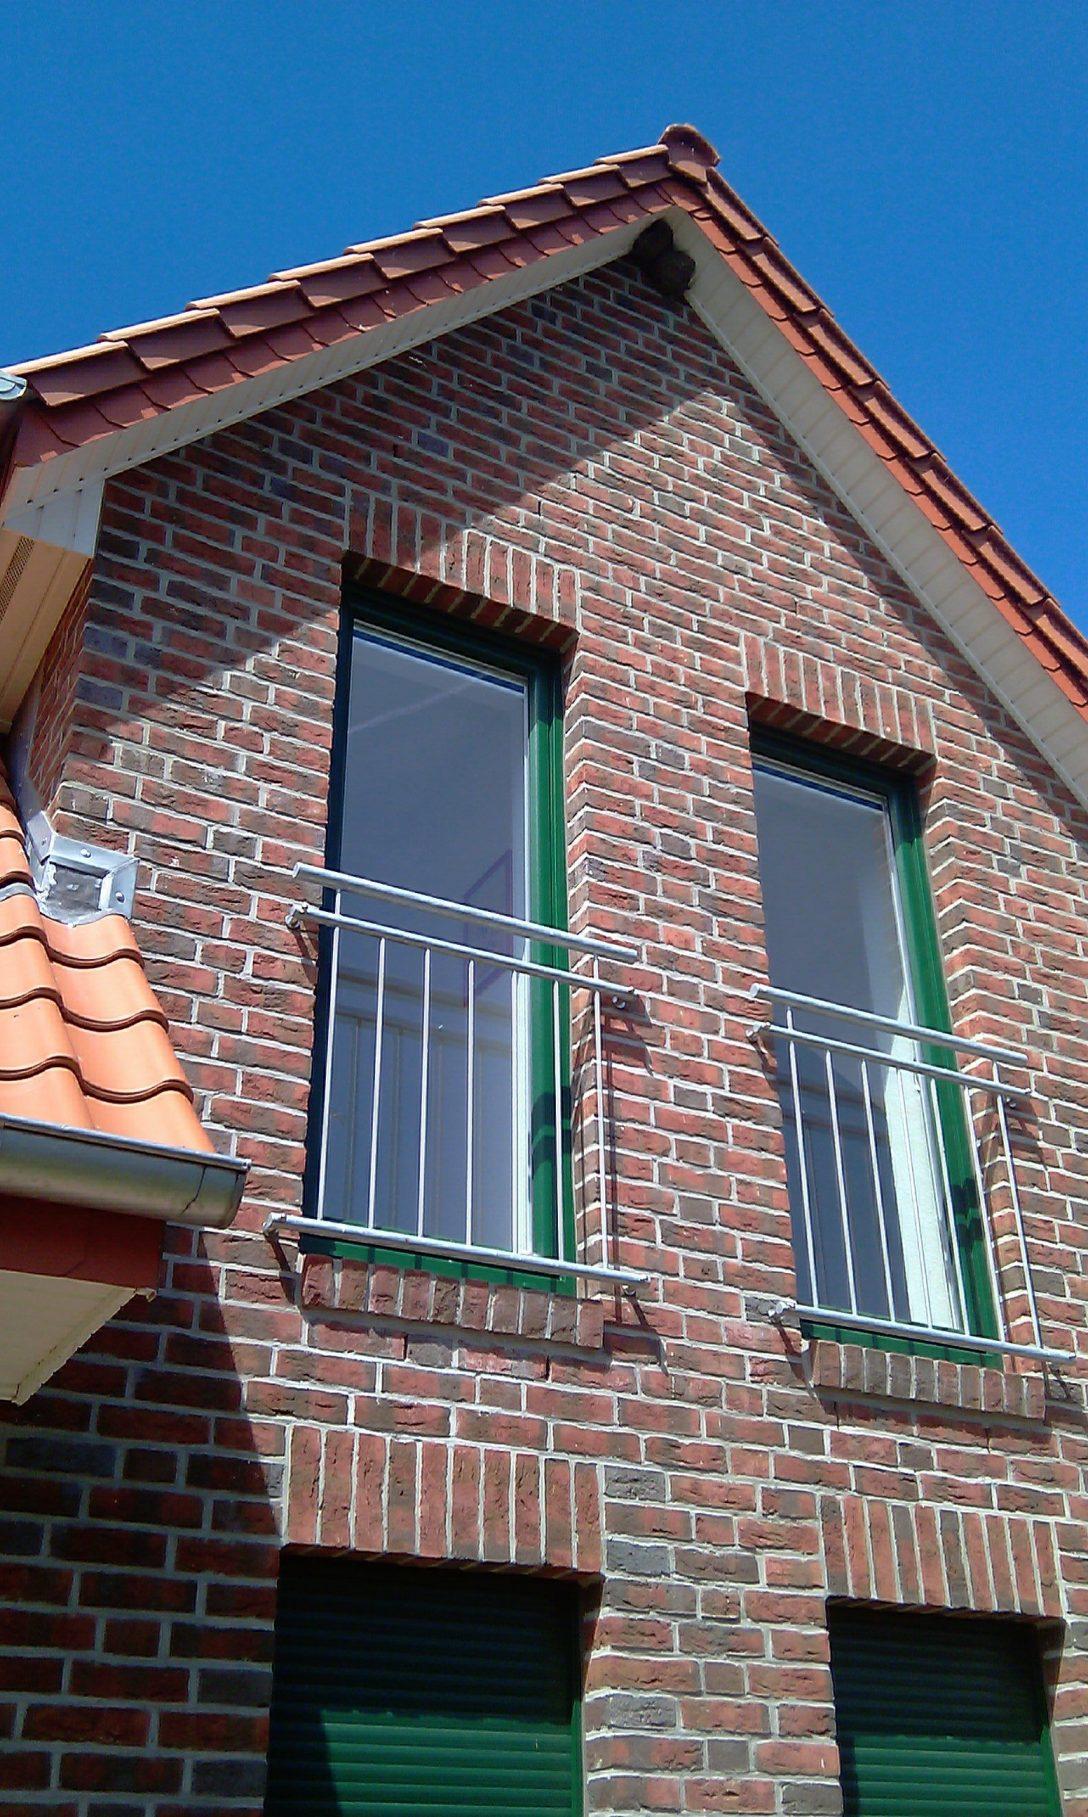 Large Size of Bodentiefe Fenster Mit Absturzsicherung Im Dachgeschoss Drutex Meeth Ebay Beleuchtung Jalousien Innen Verdunkelung Schallschutz Günstige Rolladen Fenster Fenster Bodentief